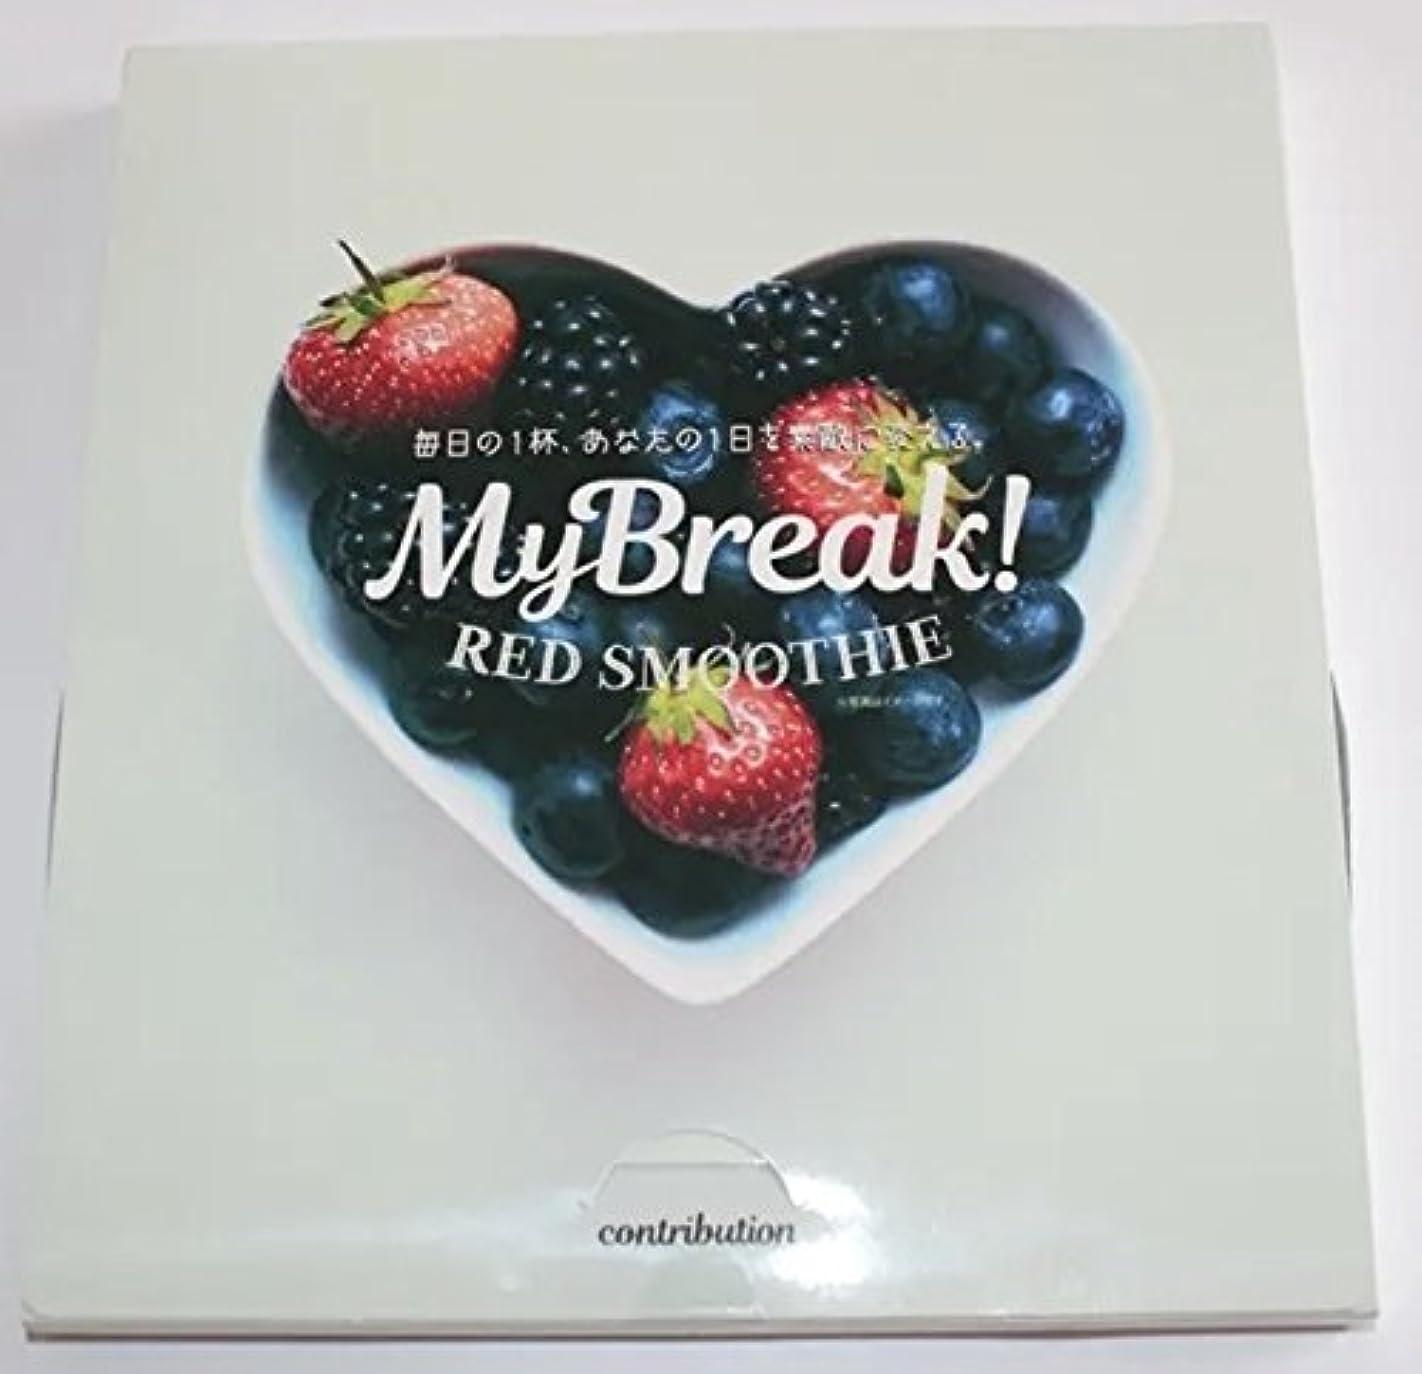 困惑するノート保守的MyBreak! RED SMOOTHIE マイブレイク レッドスムージー 150g(1包5g×30包) [並行輸入品]